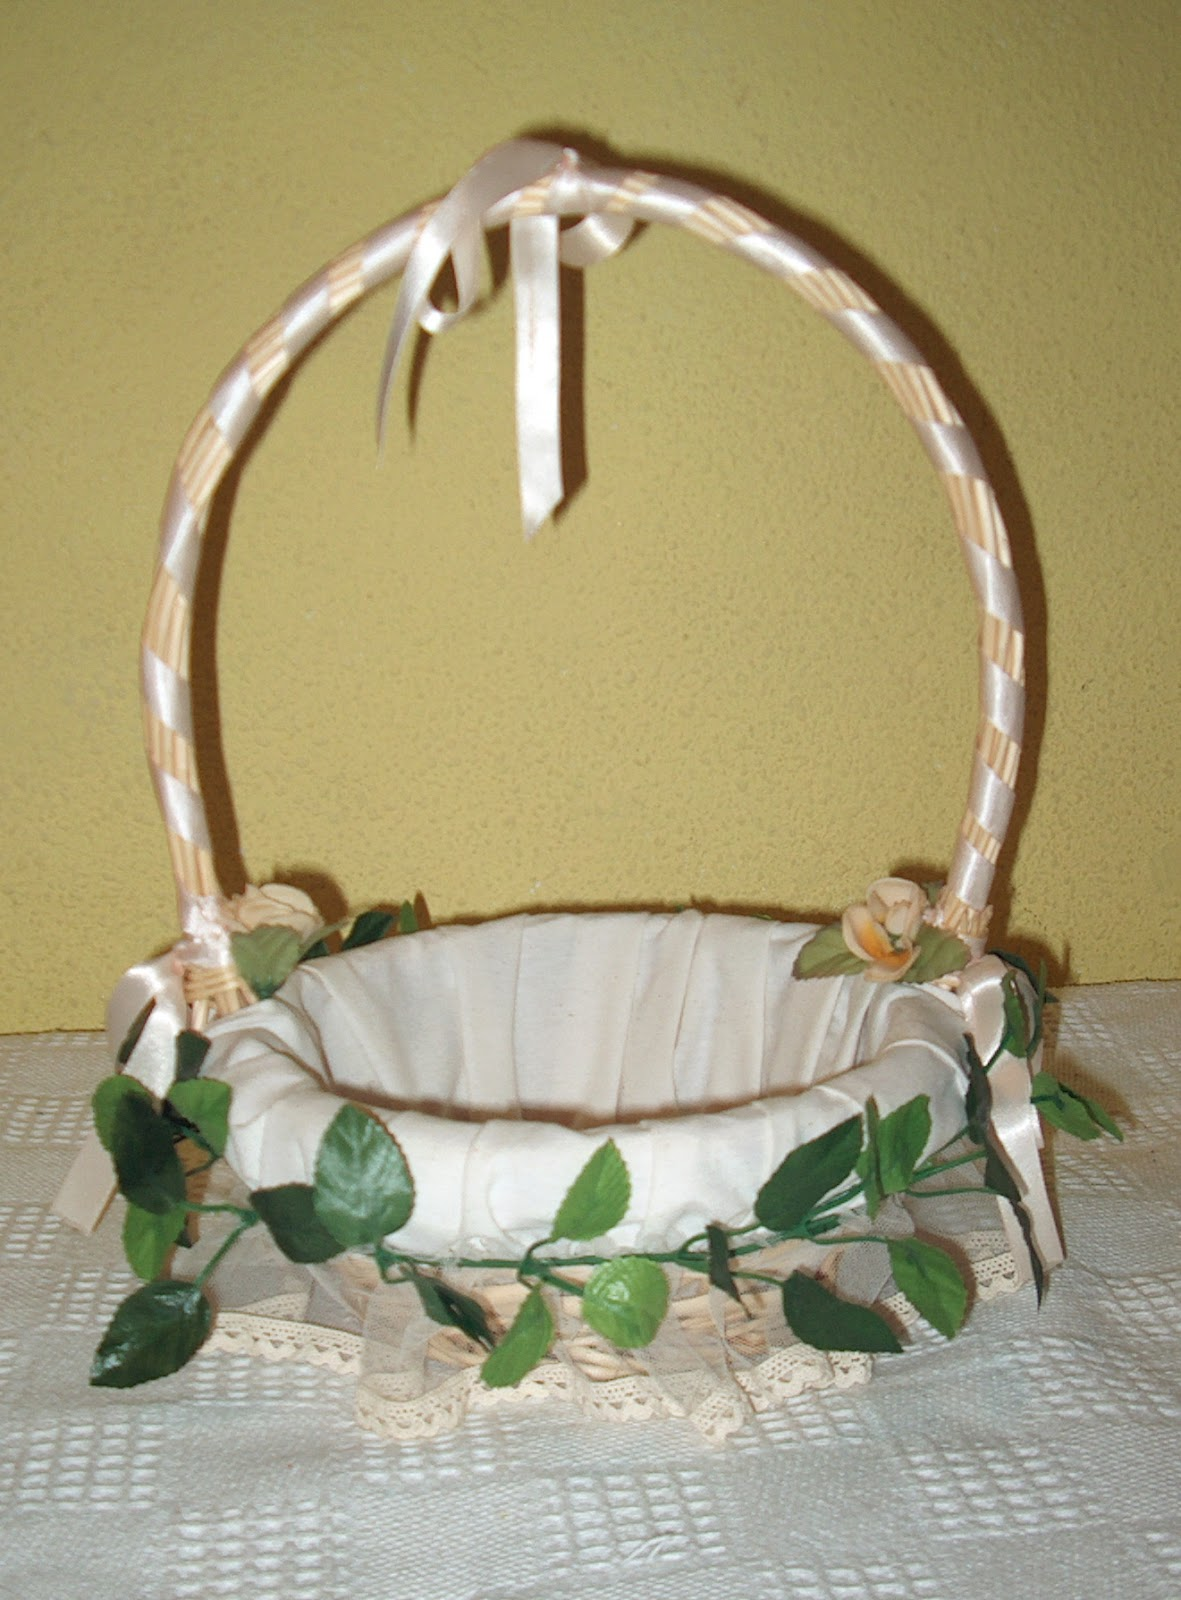 Canastas de mimbre decoradas para boda imagui - Como adornar cestas de mimbre ...